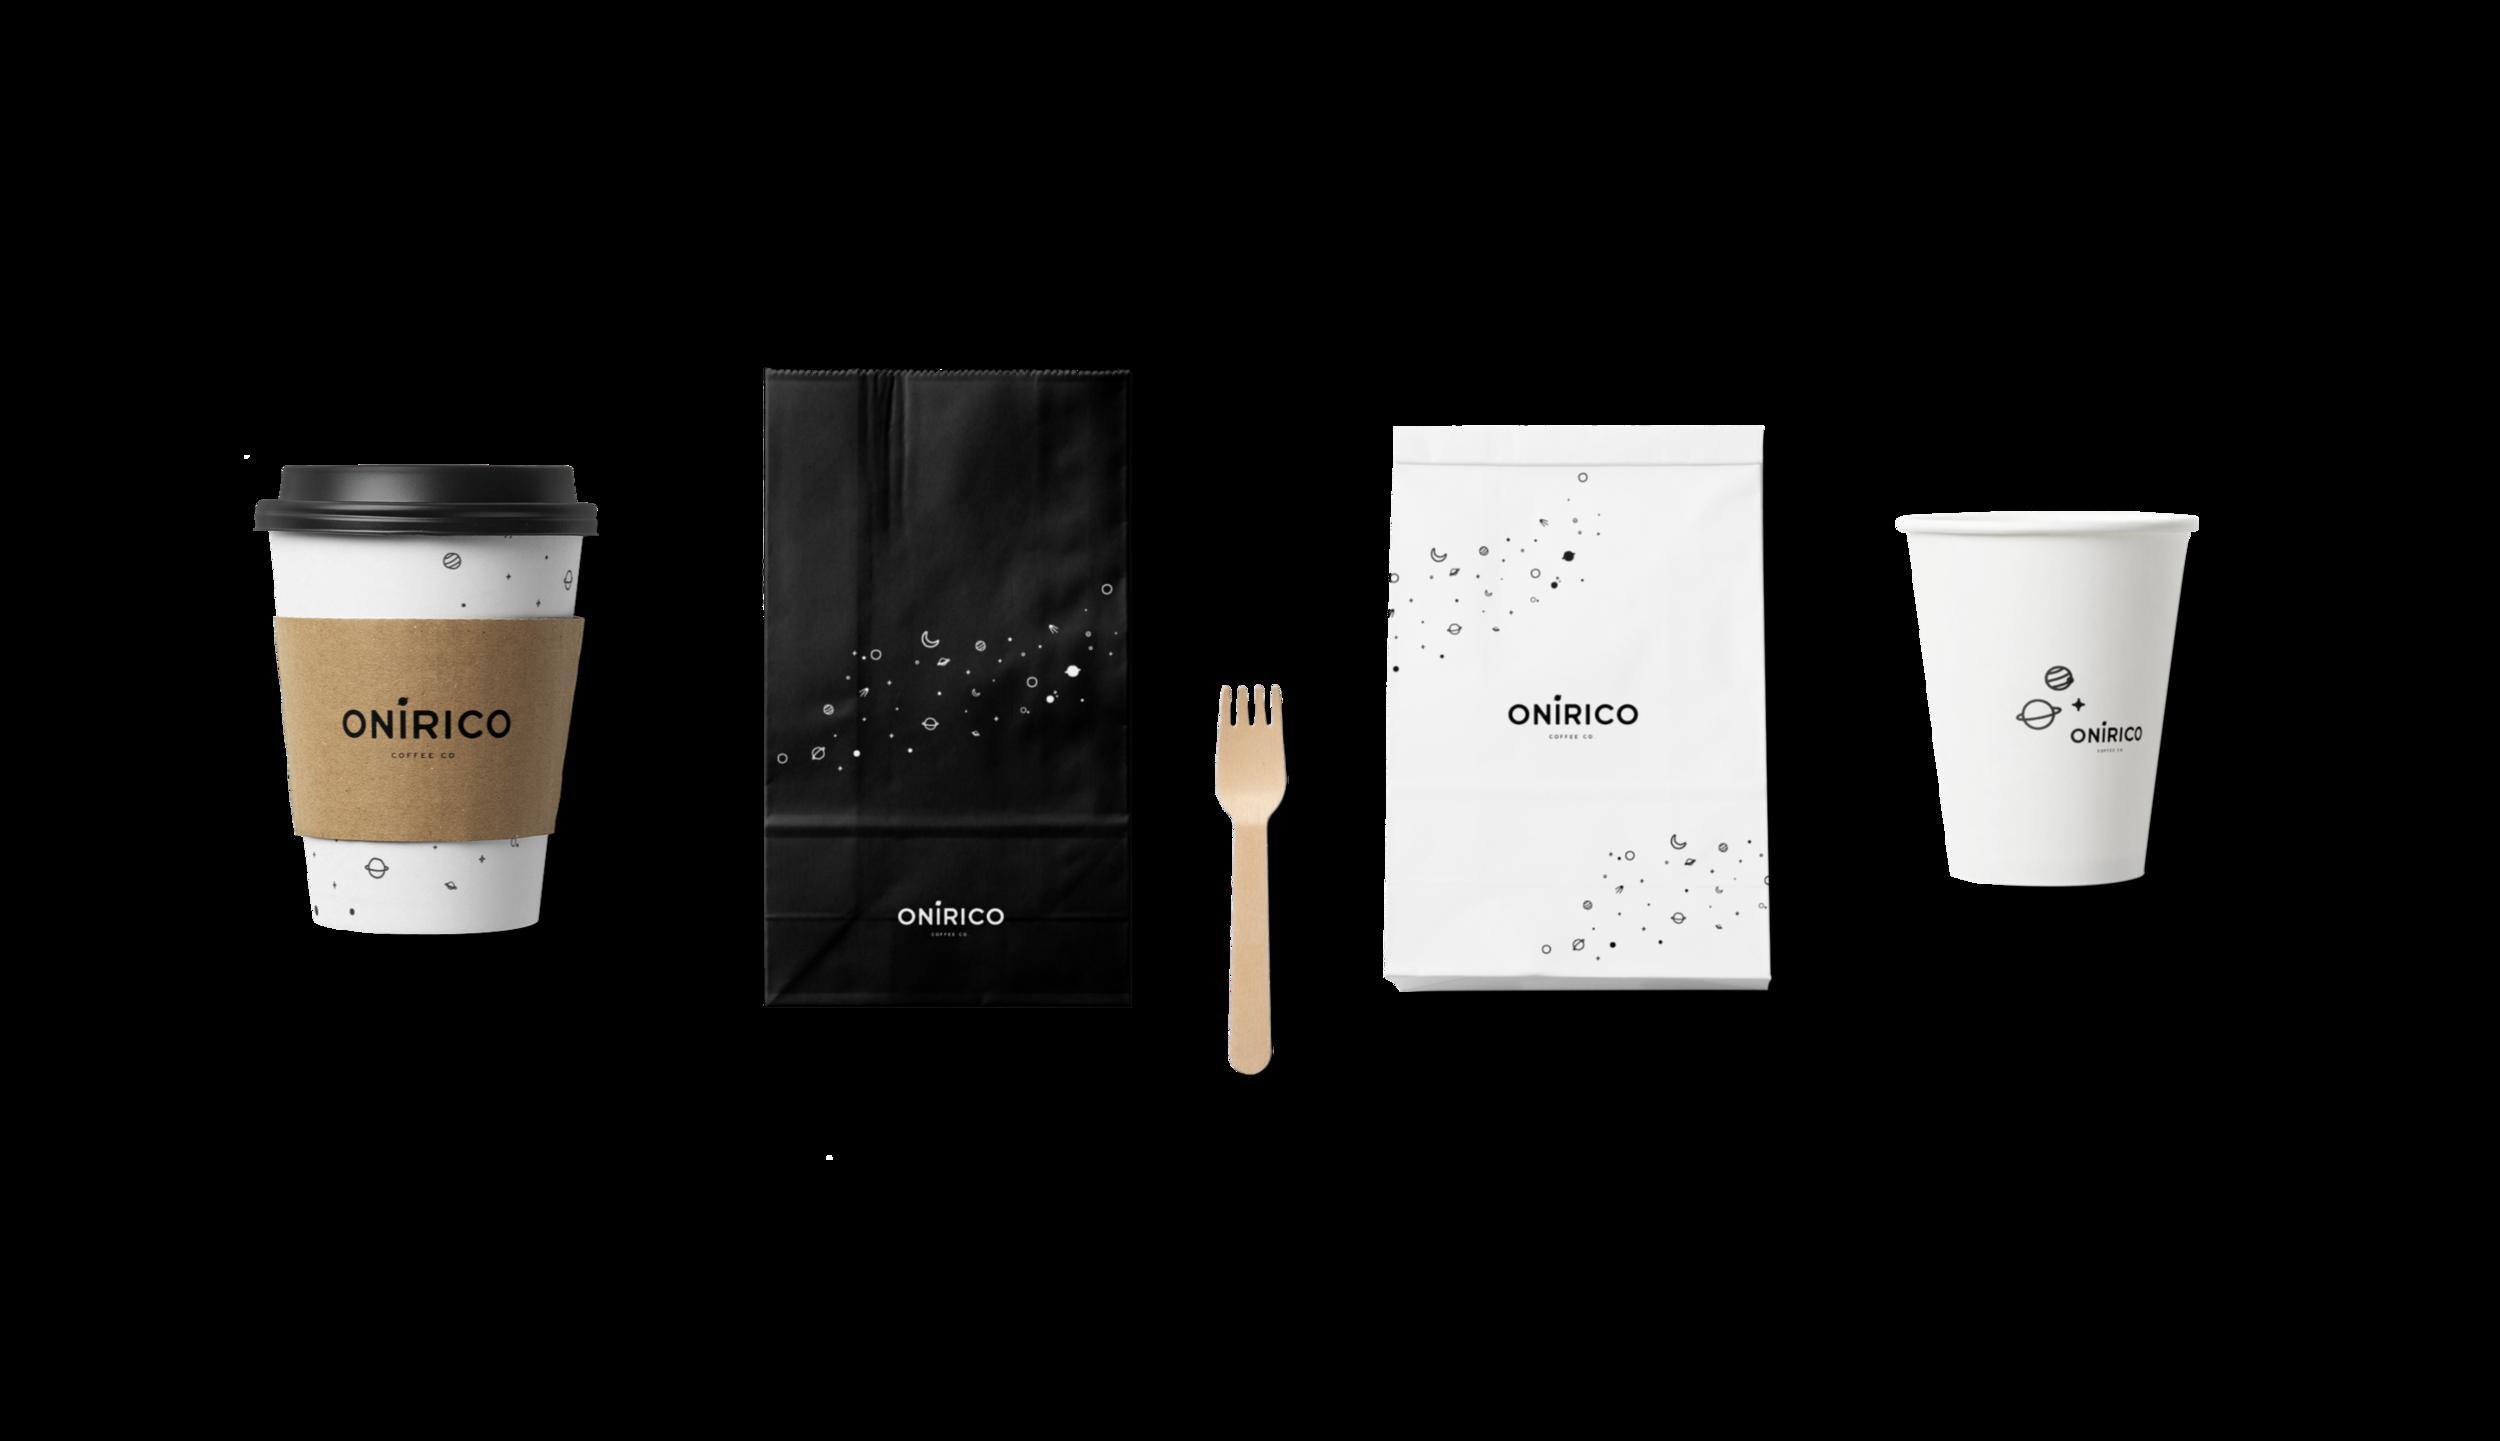 food-packaging-mockup-scene@2x.png